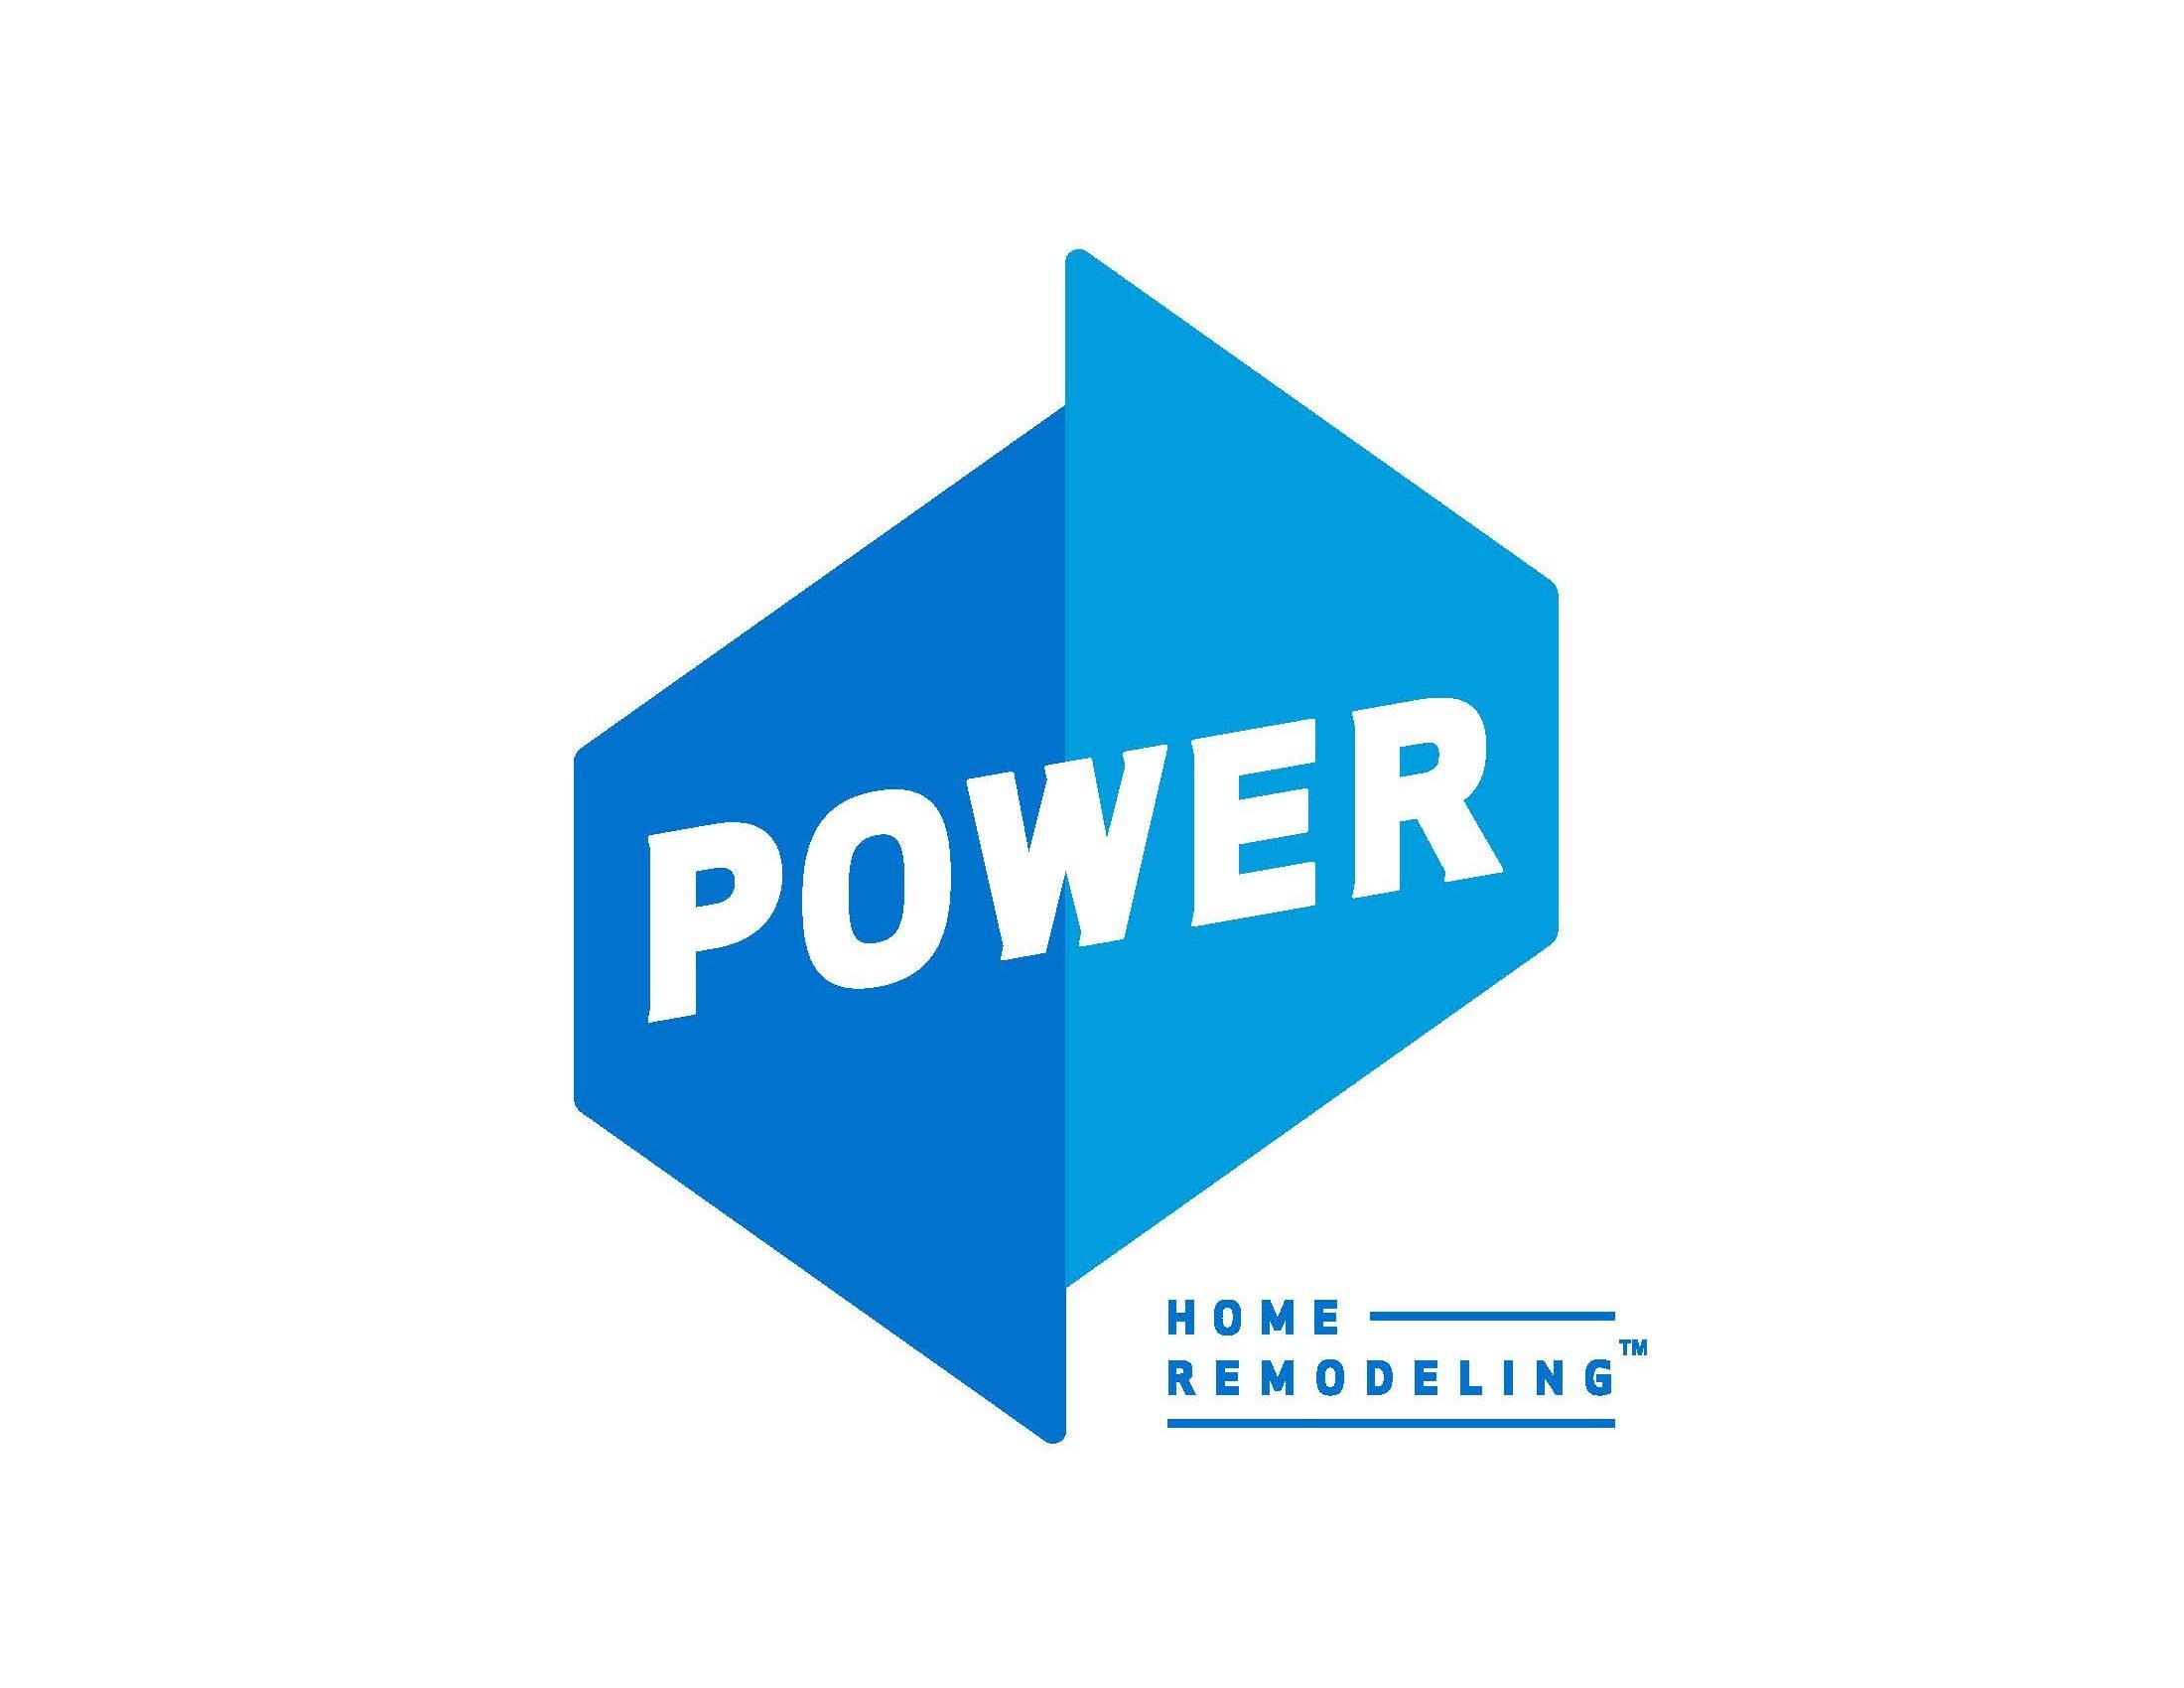 PowerLOGOBlue_RGB_tag.jpg